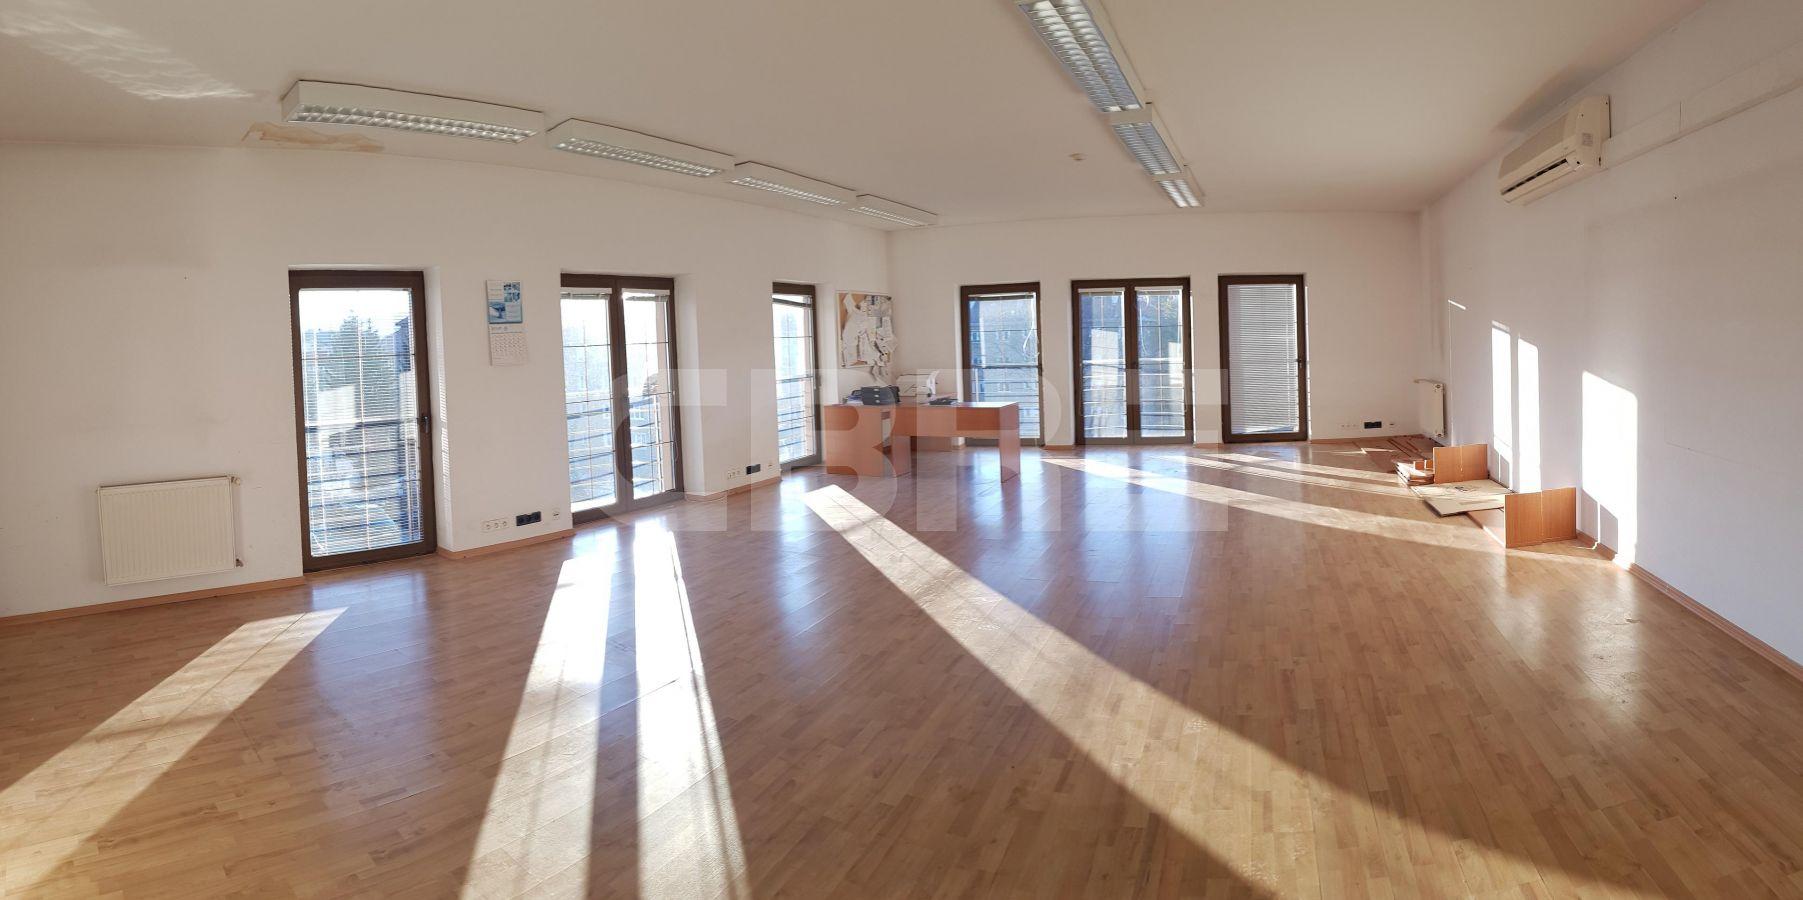 Kancelárie Dolná ulica, Banská Bystrica, Banská Bystrica | Offices for rent by CBRE | 2